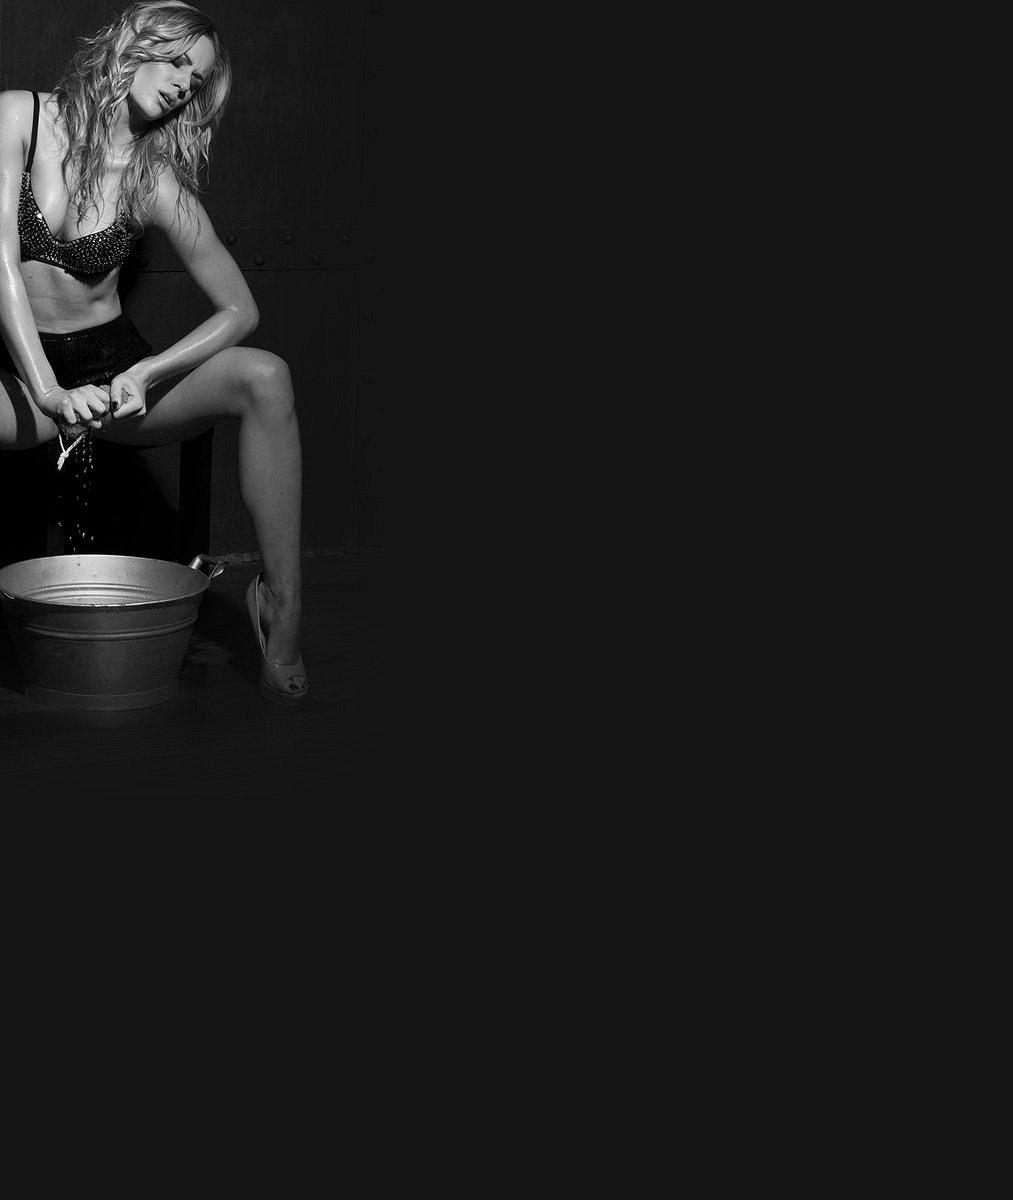 Nikol, vážně sis nezapomněla kalhoty? Sexy blondýna Moravcová odhalila dlouhé štíhlé nohy